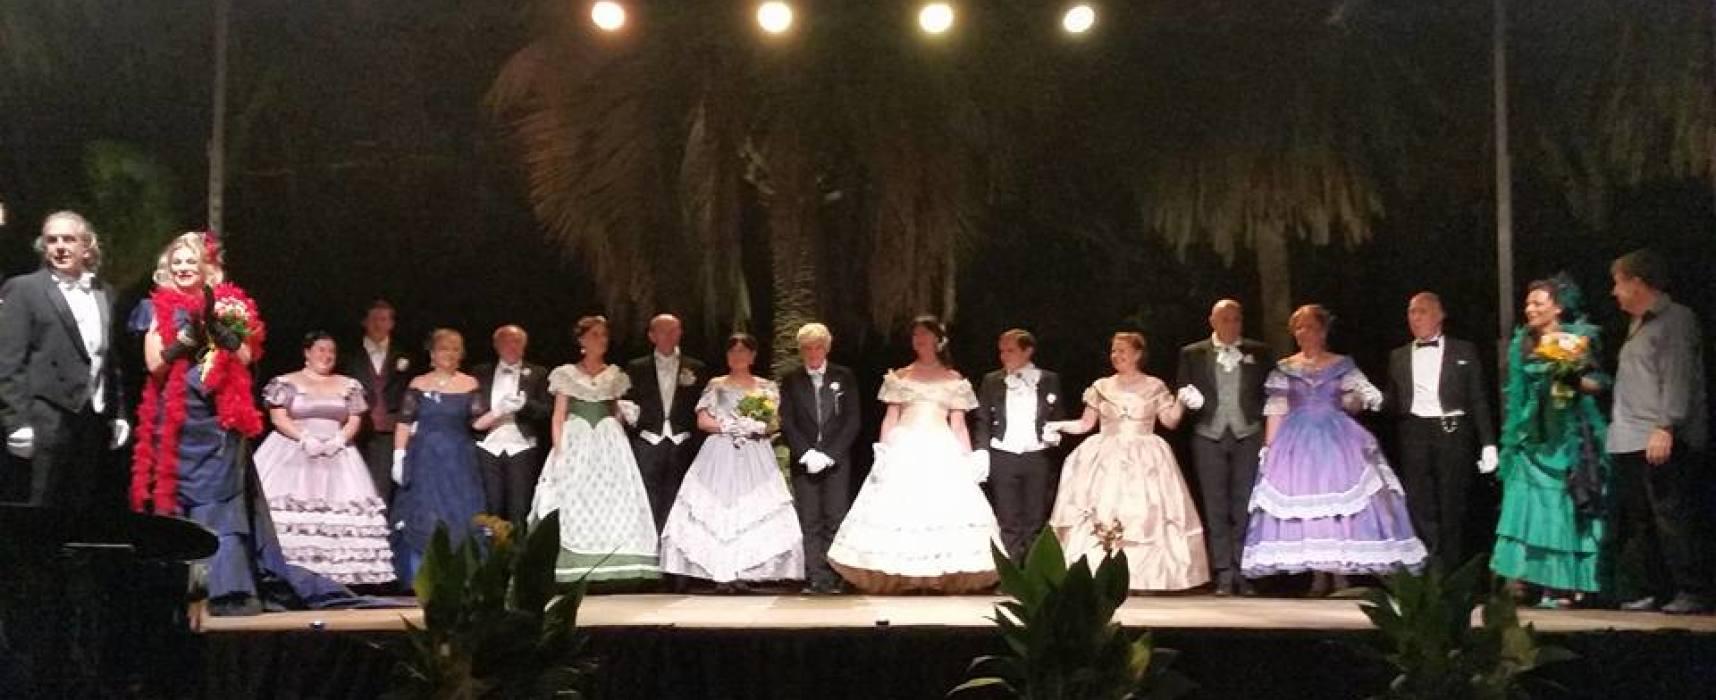 Successo di pubblico e di spettacolo per la grande lirica a Villa Borbone